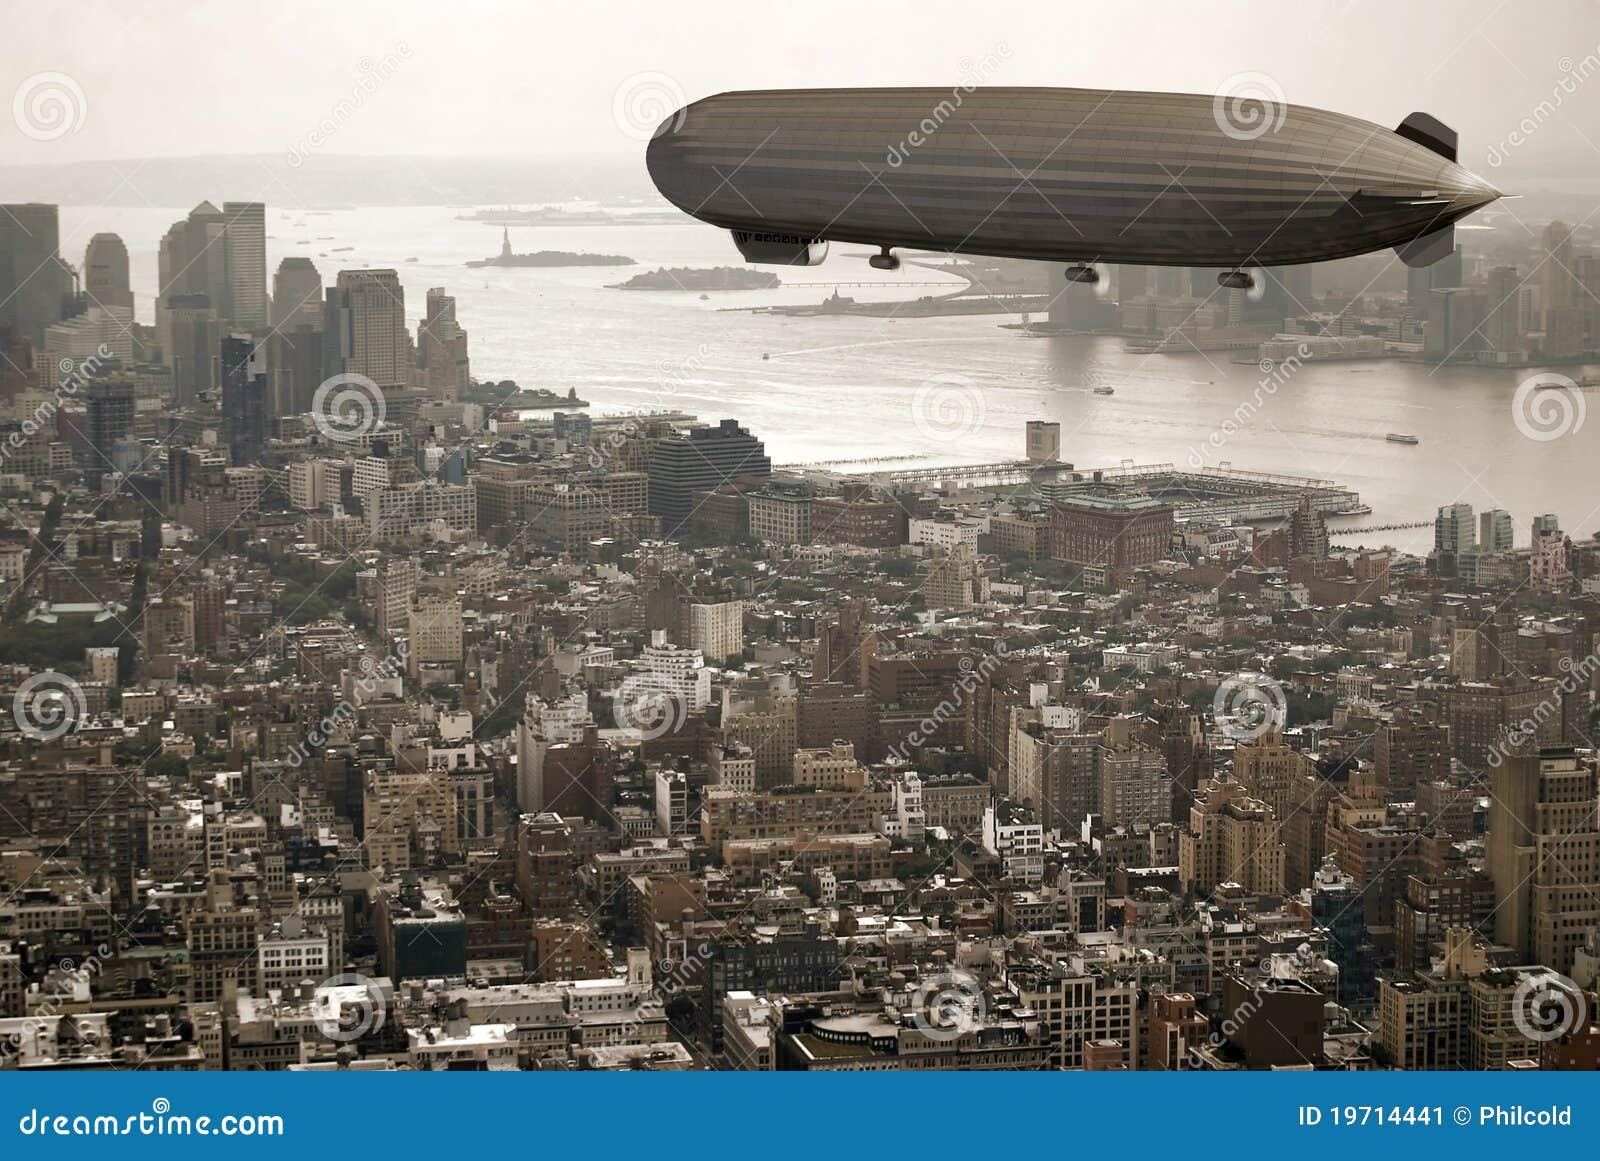 Zeppelin over Manhattan